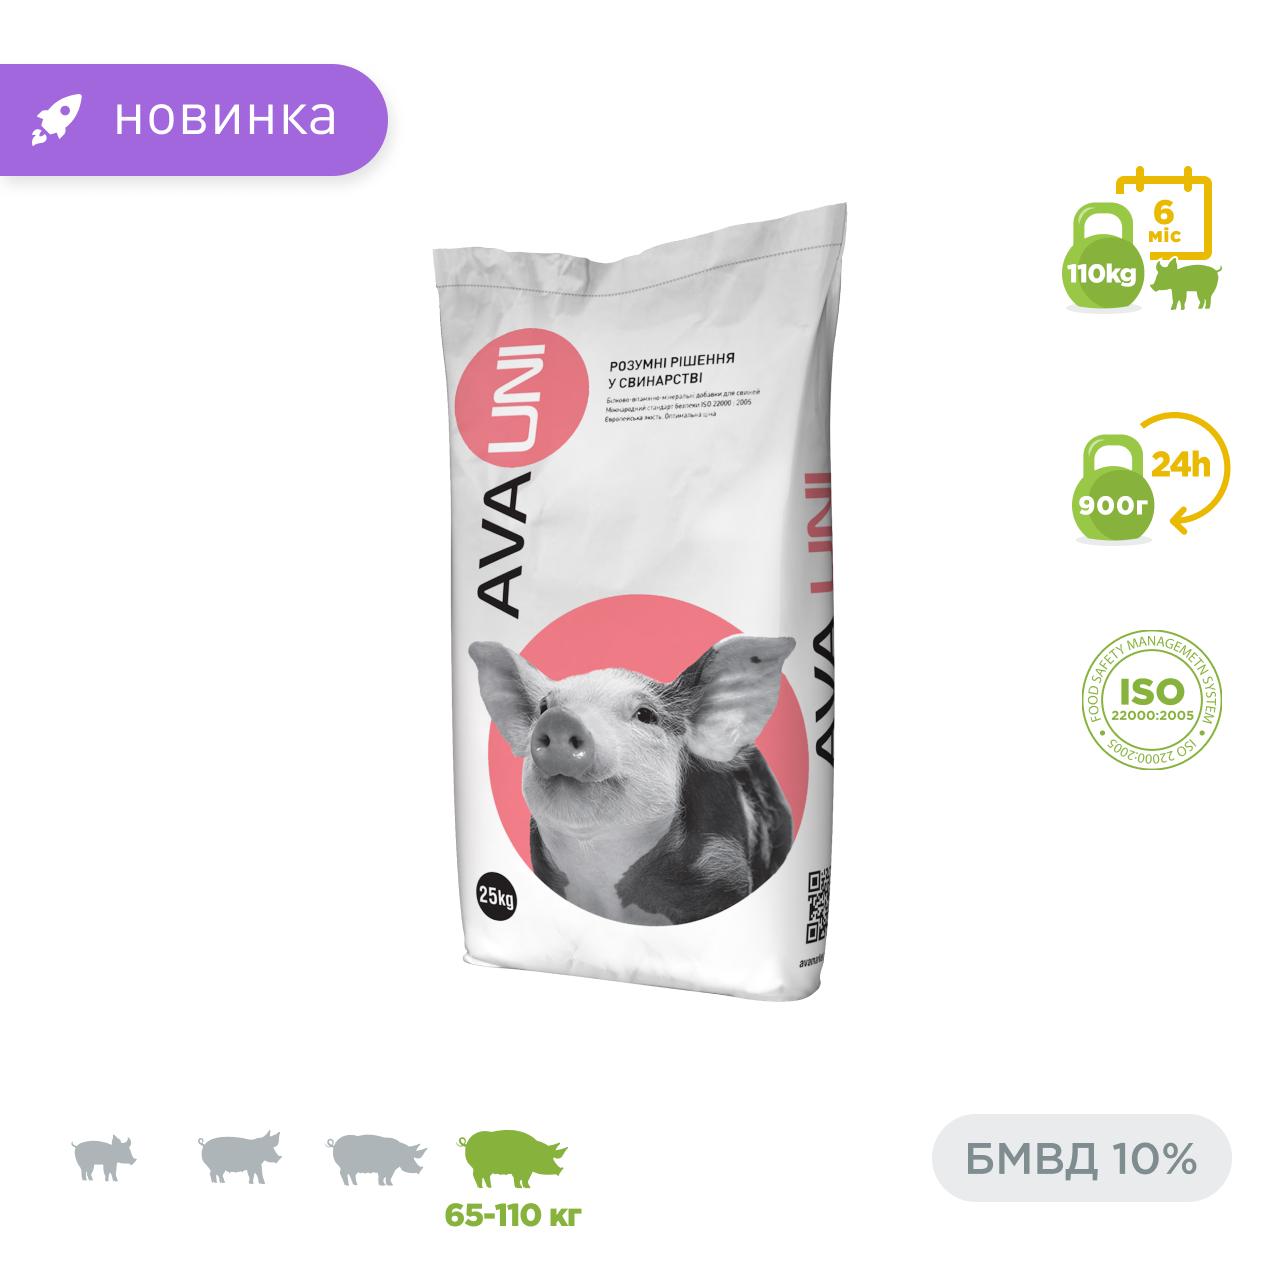 БМВД добавка для свиней від 65кг. AVA UNI Фінішер 10% концентрат у фінішний комбікорм свиням